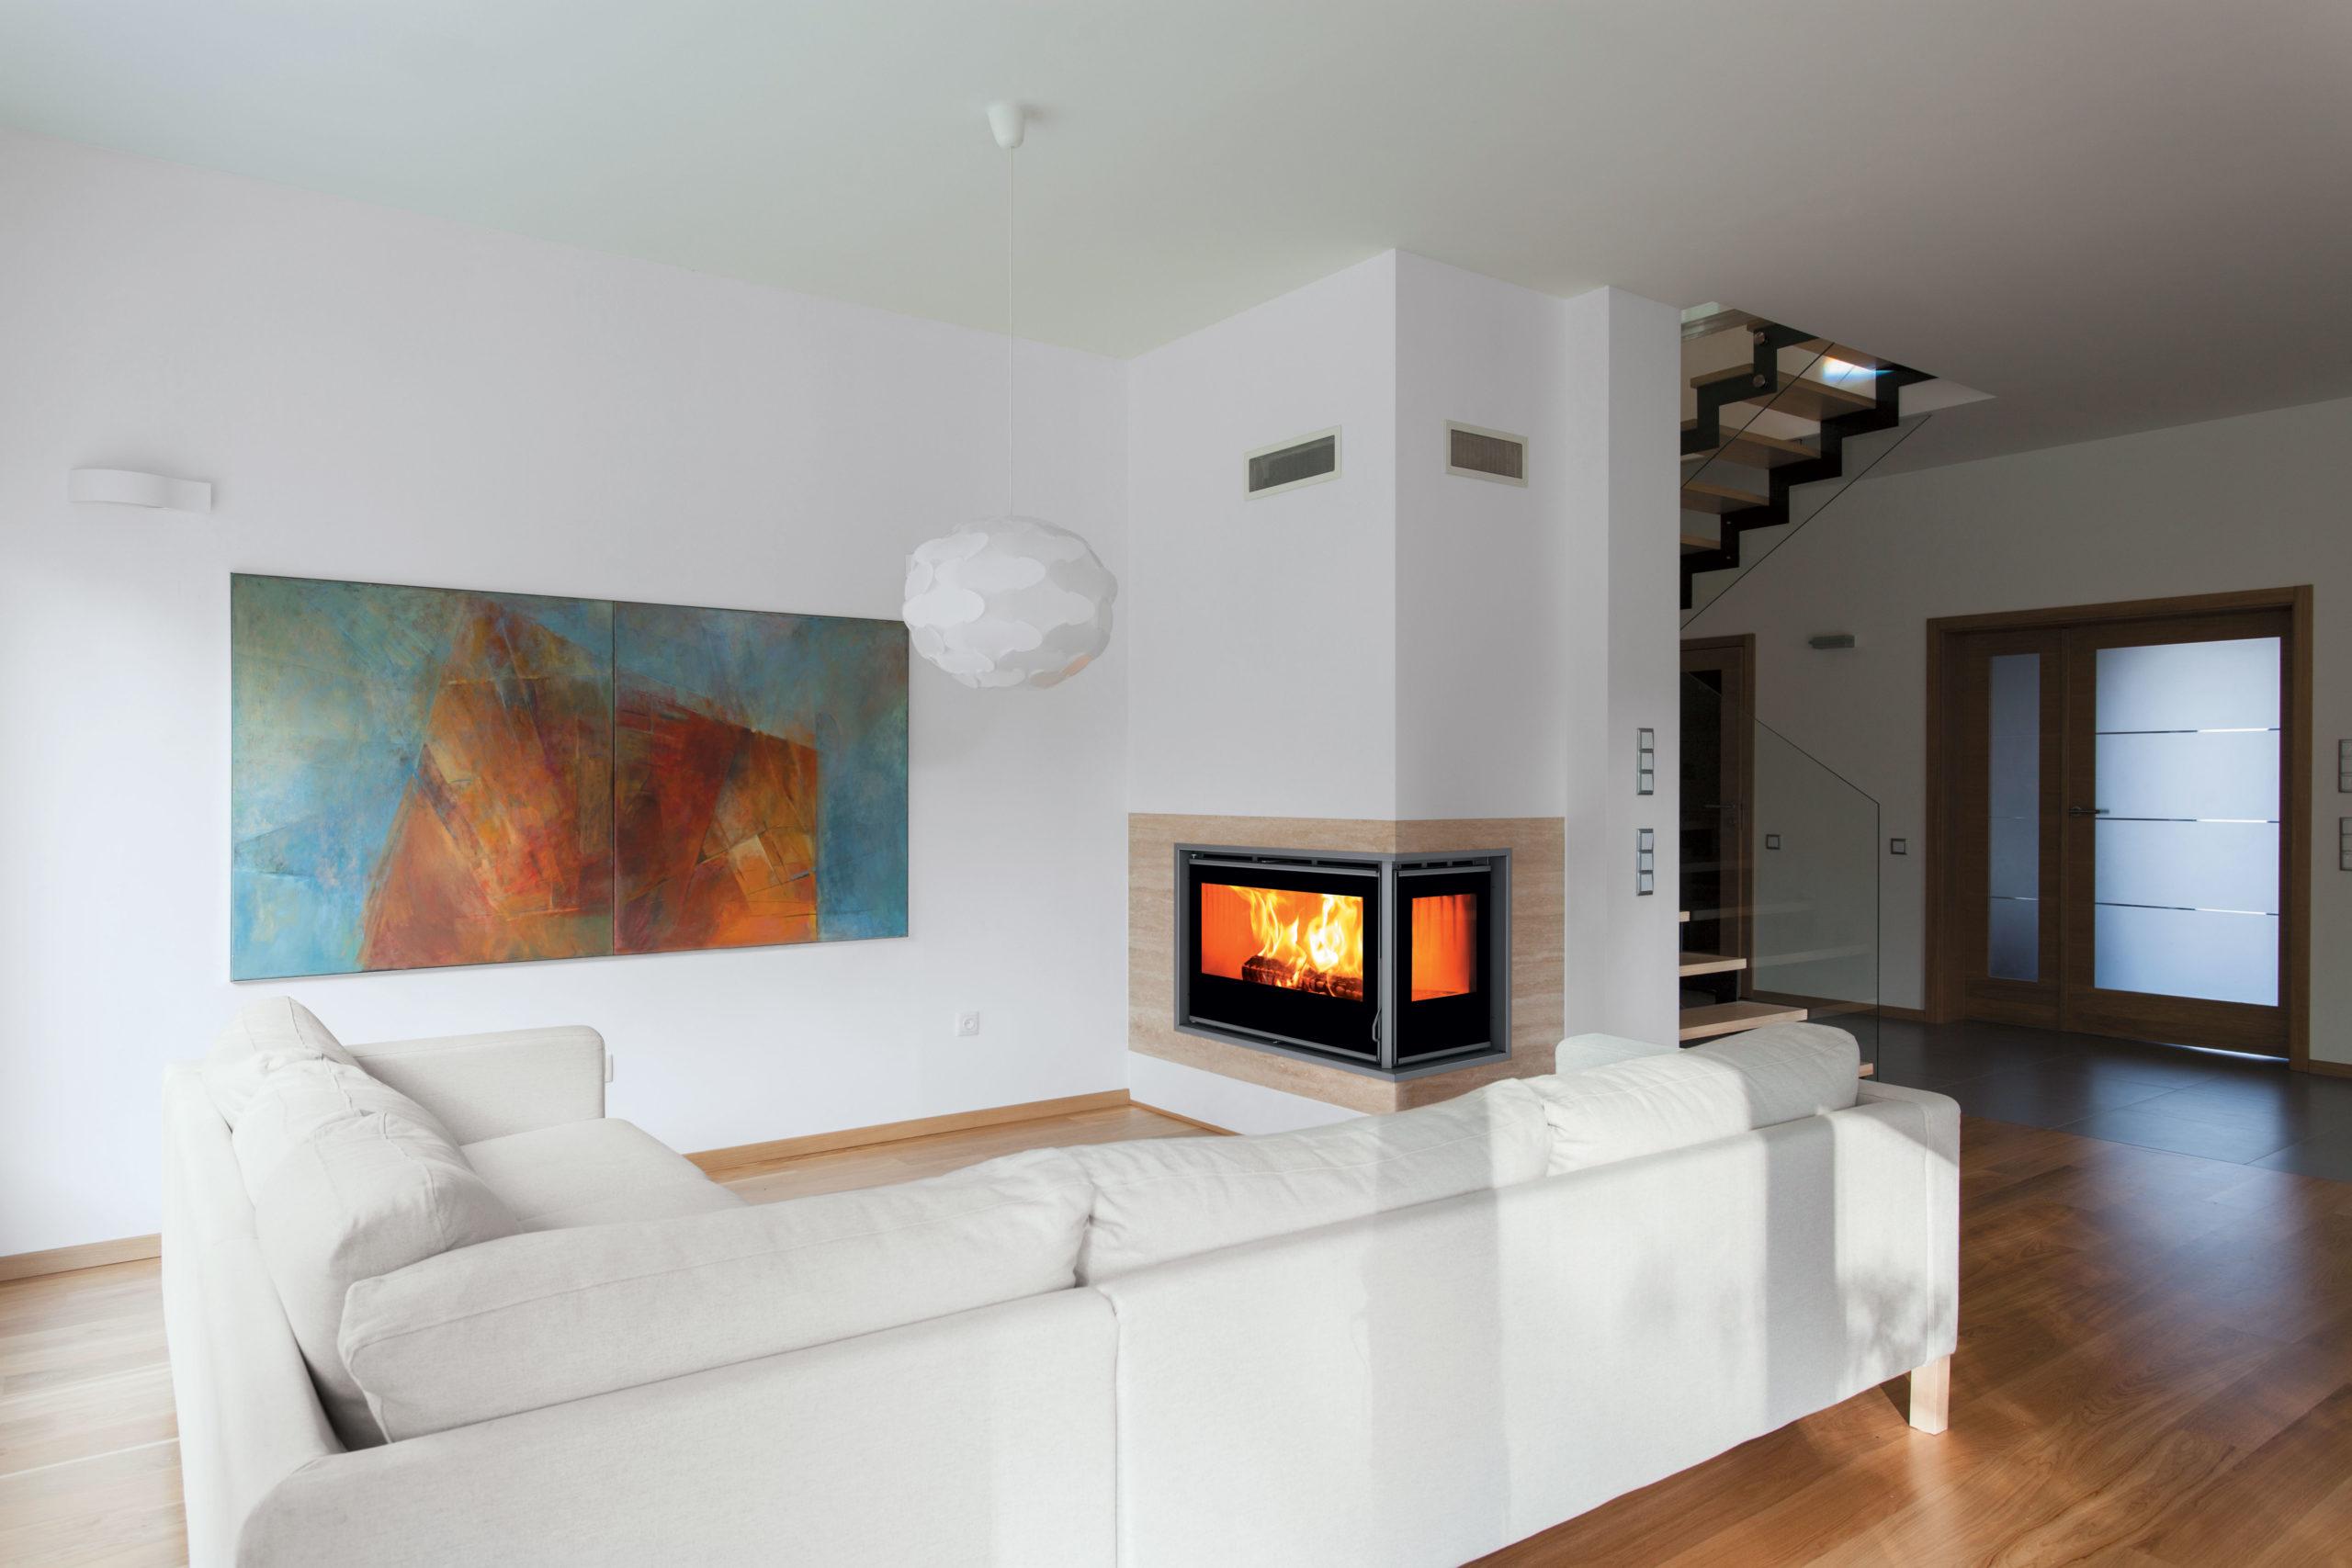 Arredamento soggiorno moderno con camino gallery of for Salotto con camino arredamento